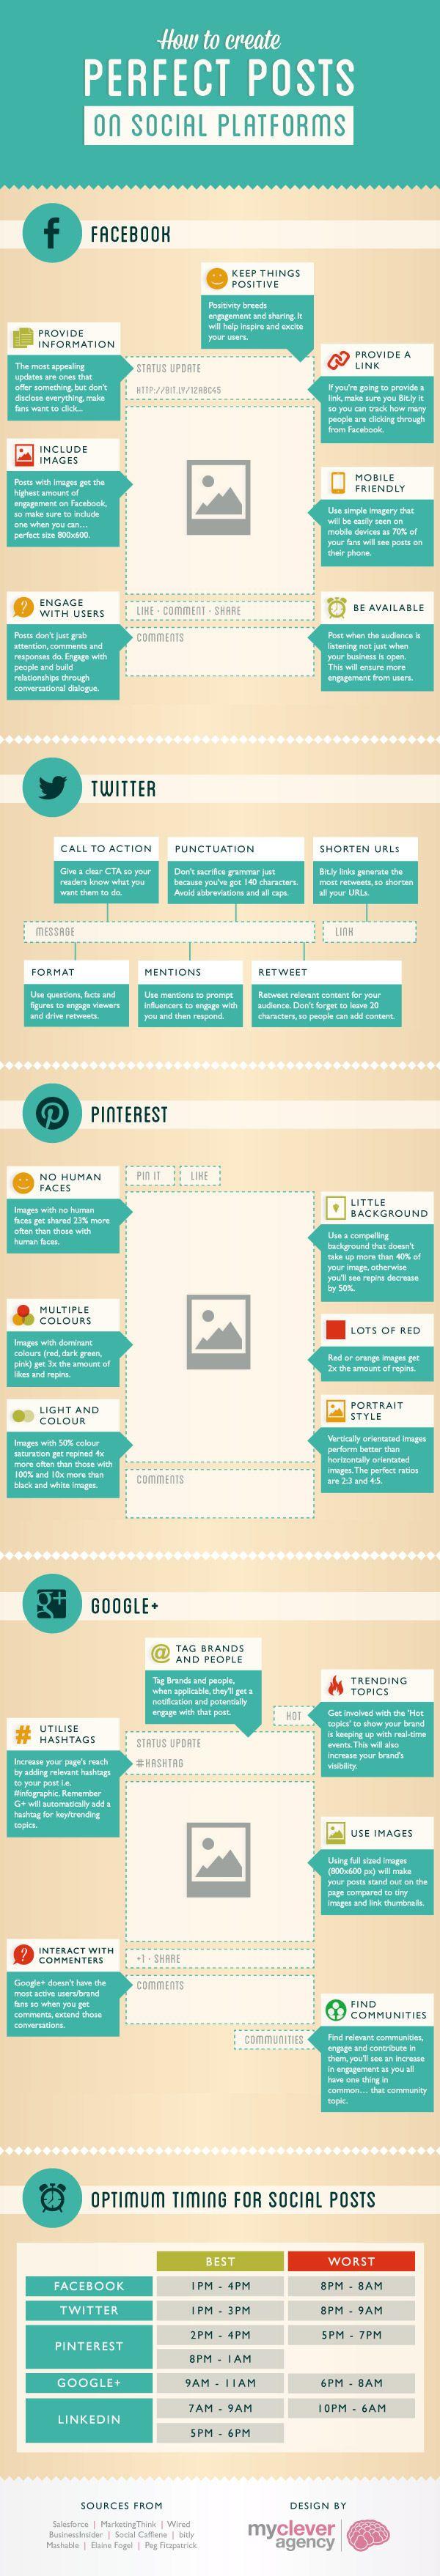 Infografik: so gelingt der perfekte Post. (screenshot: cdn2.business2community)